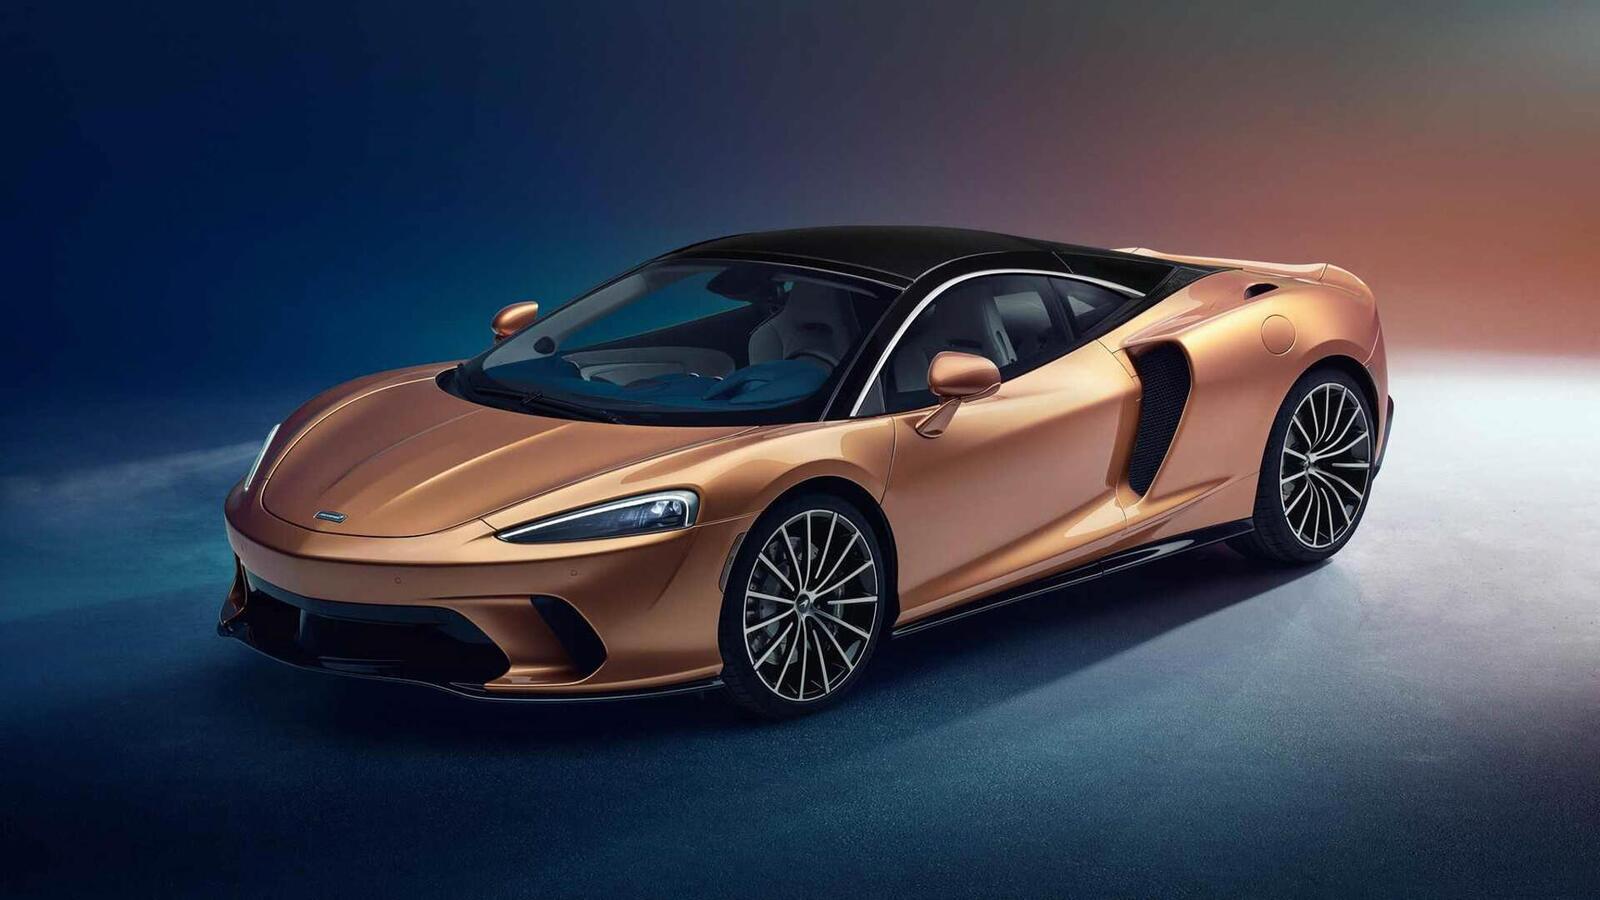 McLaren giới thiệu siêu xe GT 2020 hoàn toàn mới: Động cơ mạnh mẽ và cabin thoải mái - Hình 18